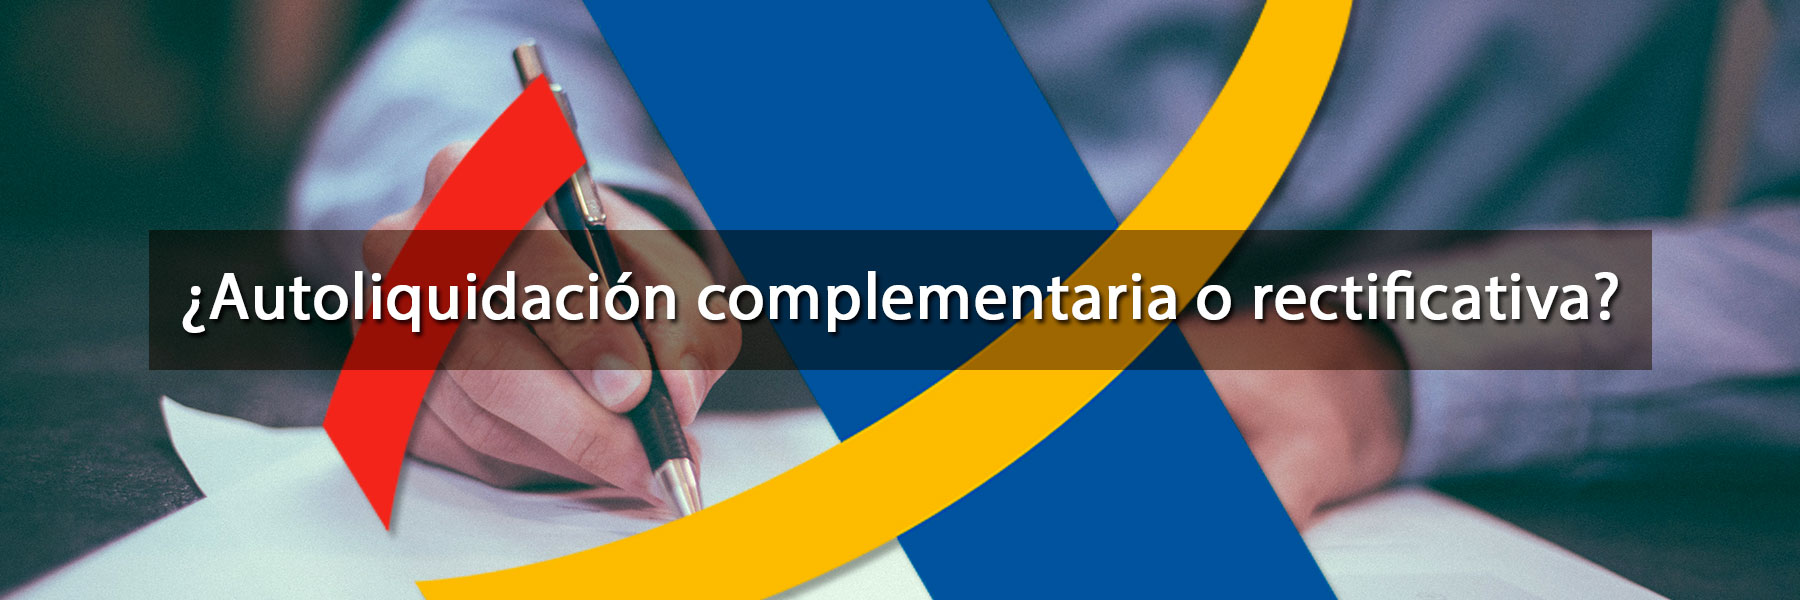 Declaración complementaria o rectificativa, ¿cuándo se utiliza cada una?